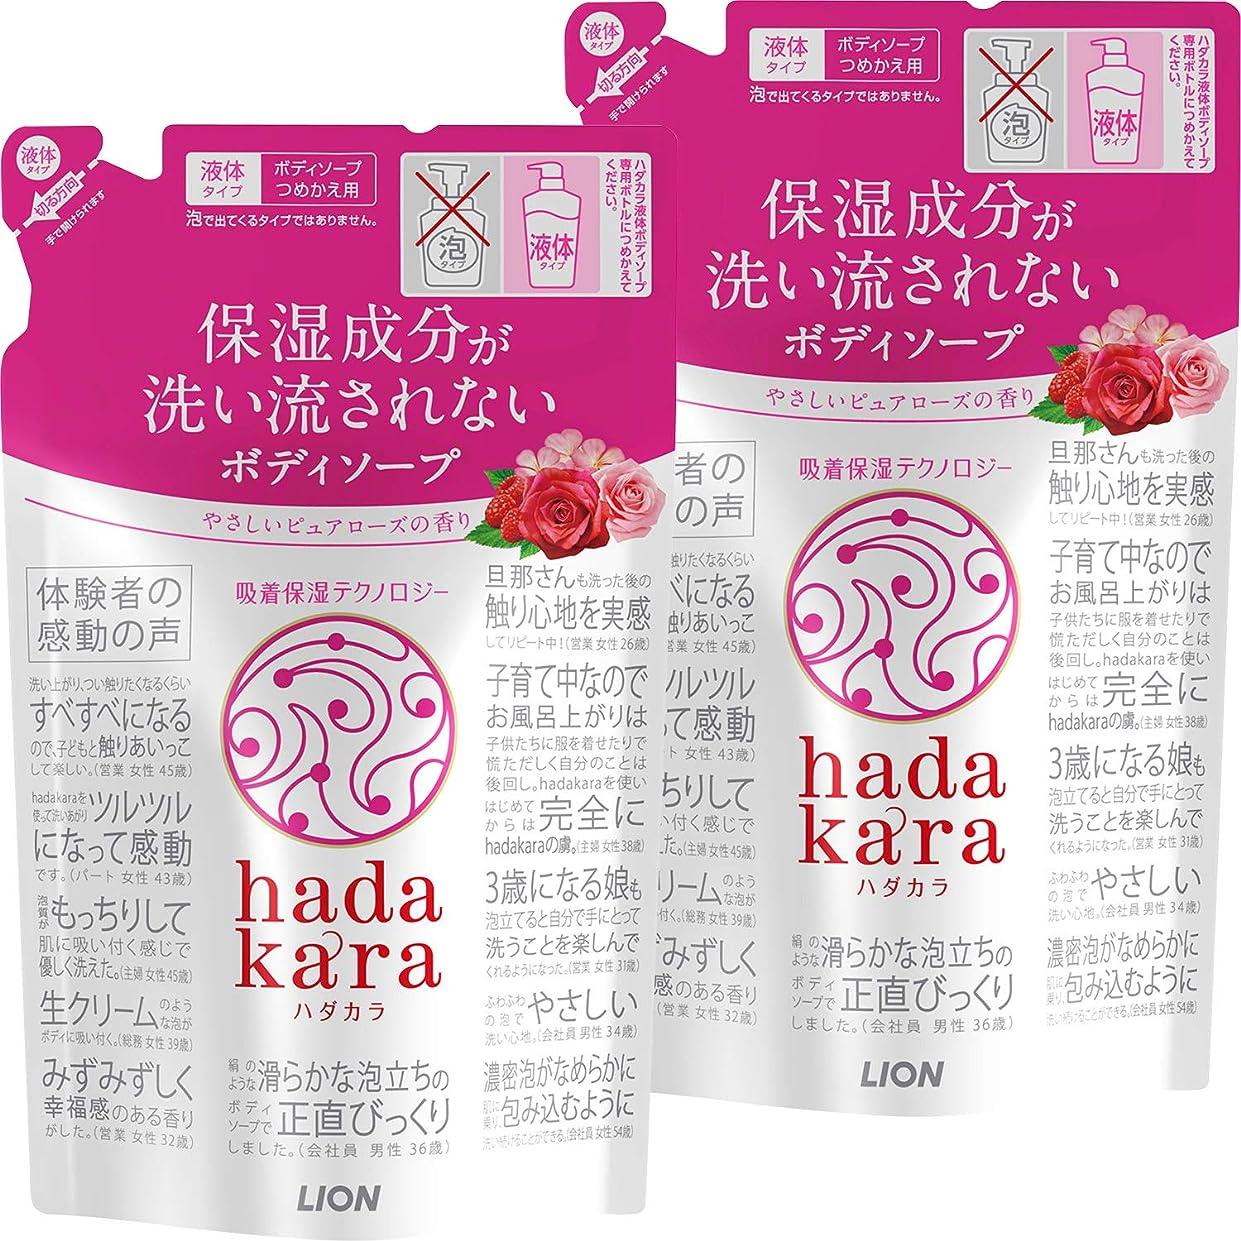 ハンディソロジャンプ【まとめ買い】hadakara(ハダカラ) ボディソープ ピュアローズの香り 詰め替え 360ml×2個パック